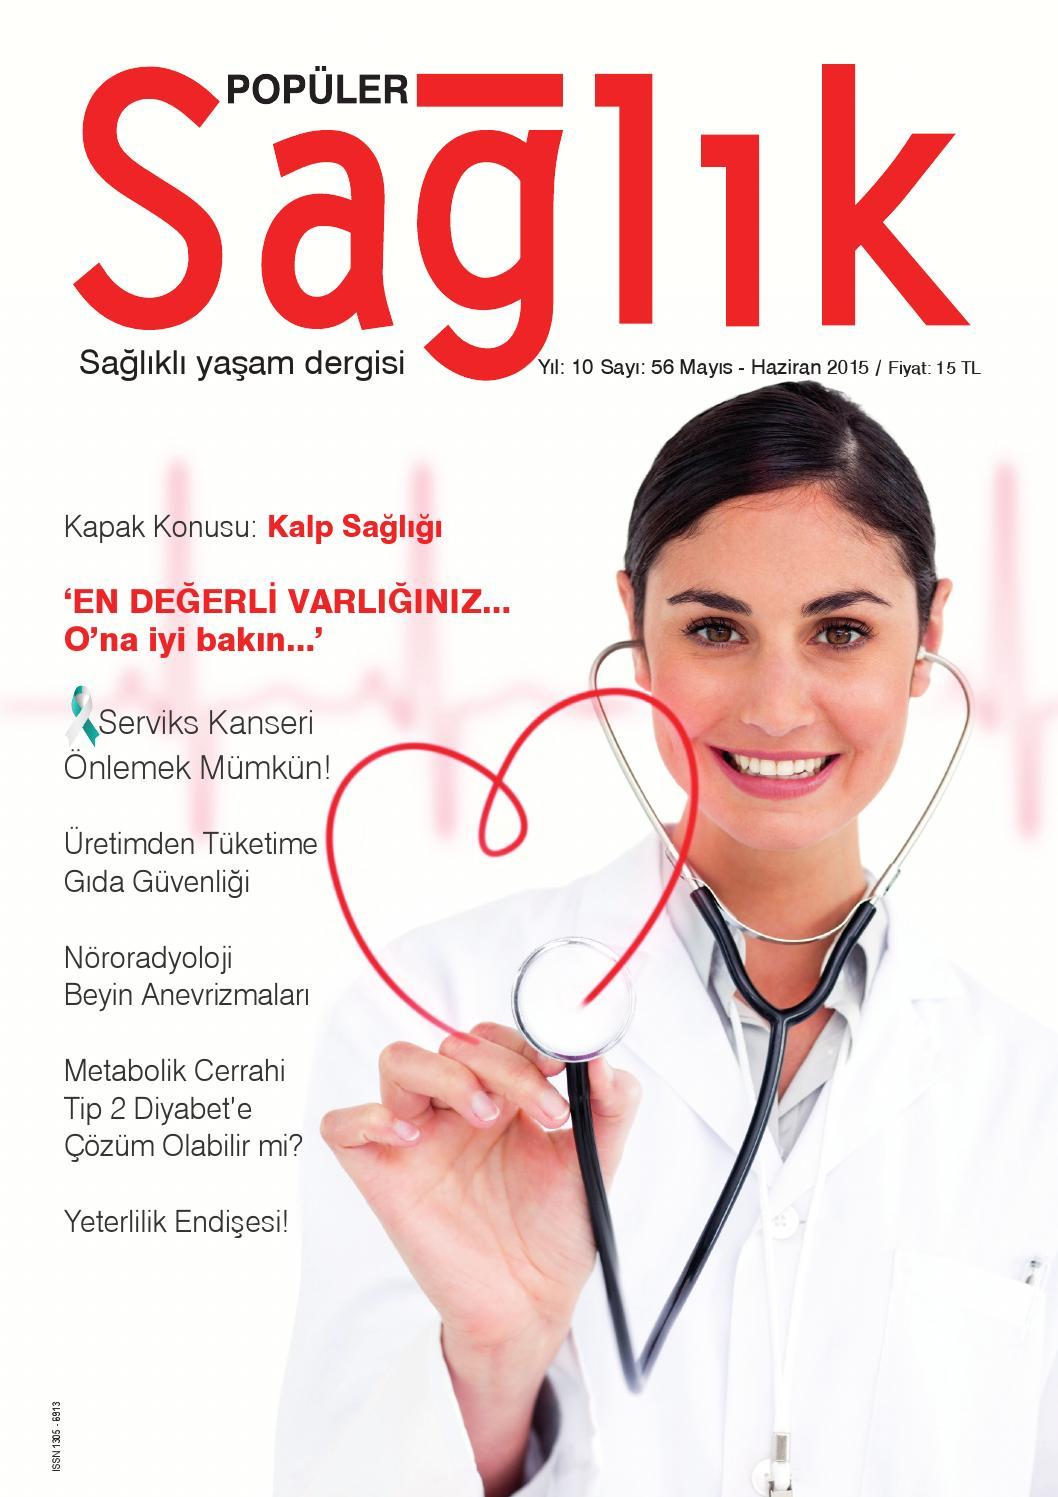 Kalp krizi riskiniz varmı ögrenin kalp krizi riskini ögrenmenin kolay yolu 99